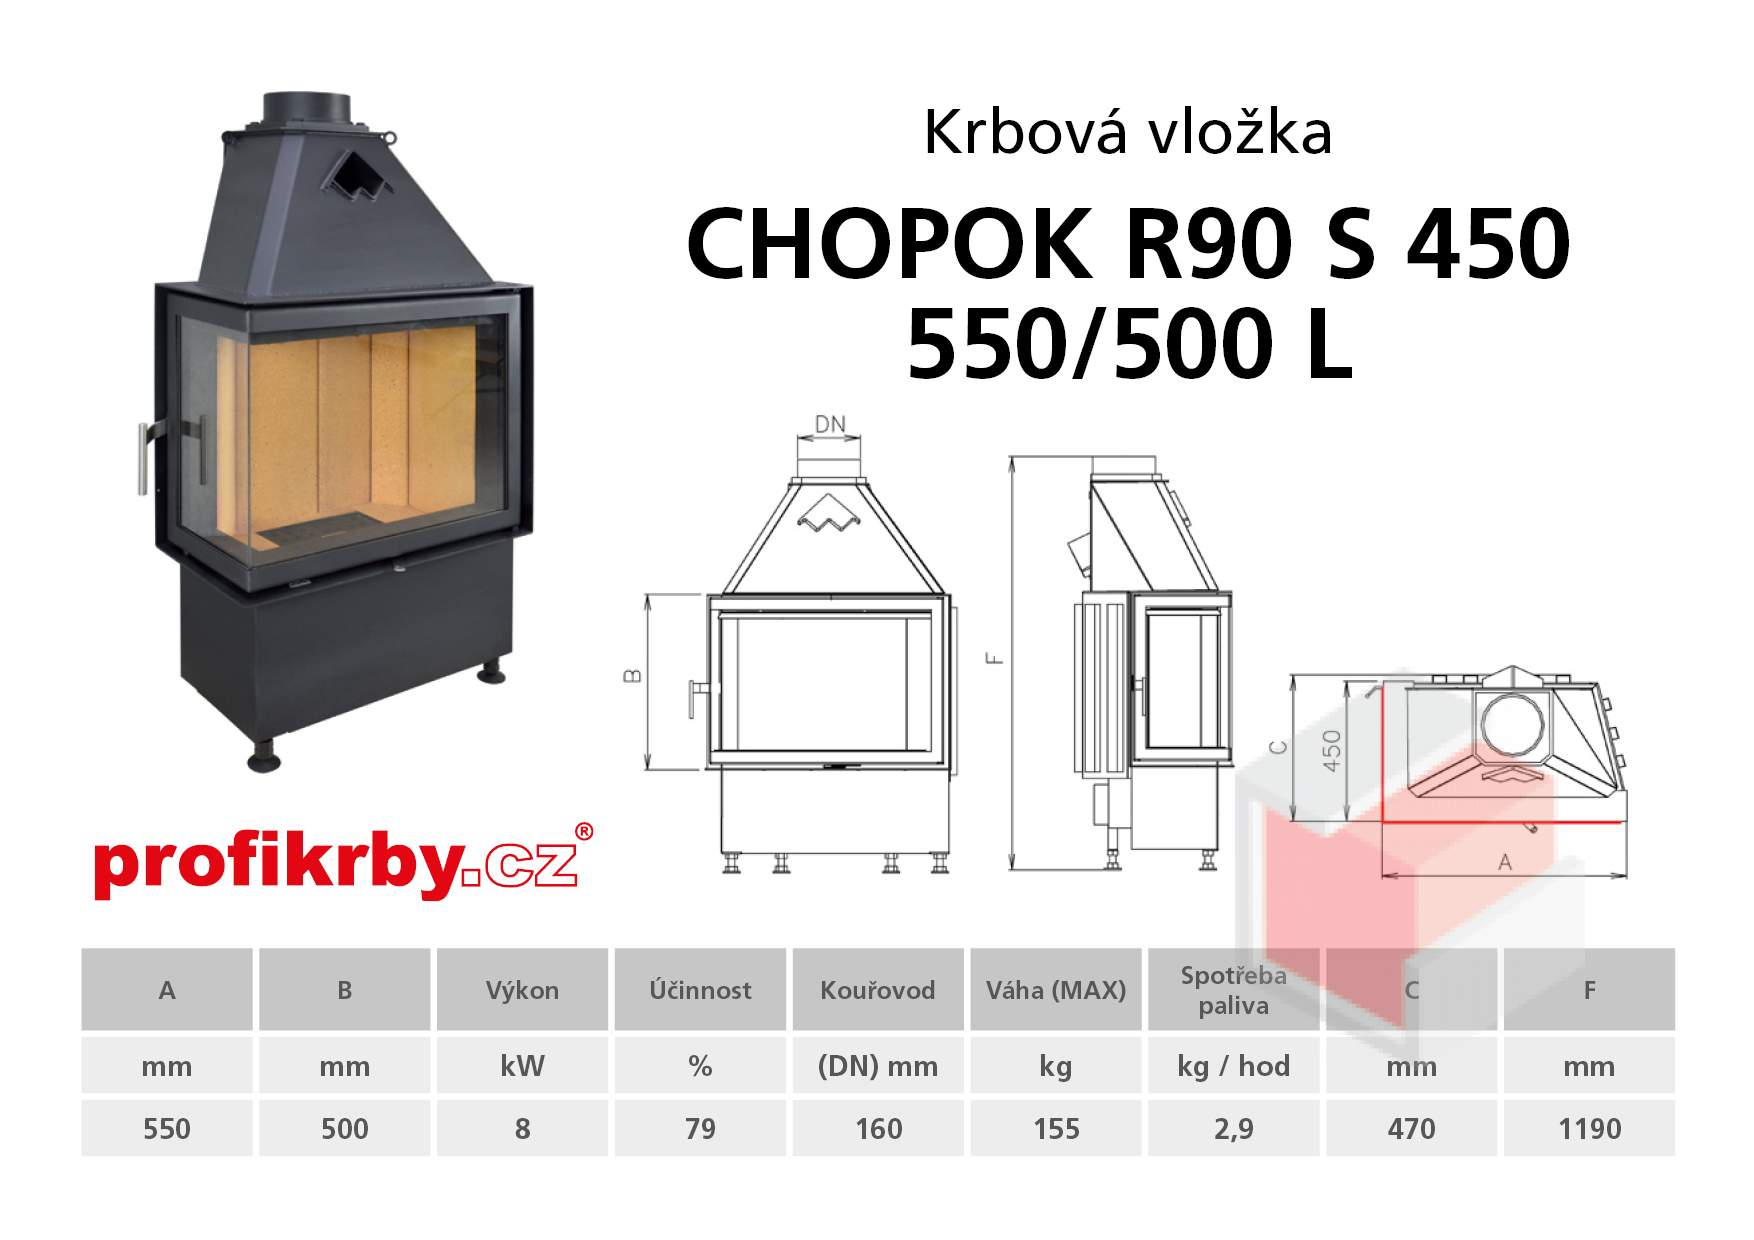 Krbová vložka CHOPOK R90Sx450 550 500 - Rohová - Levá